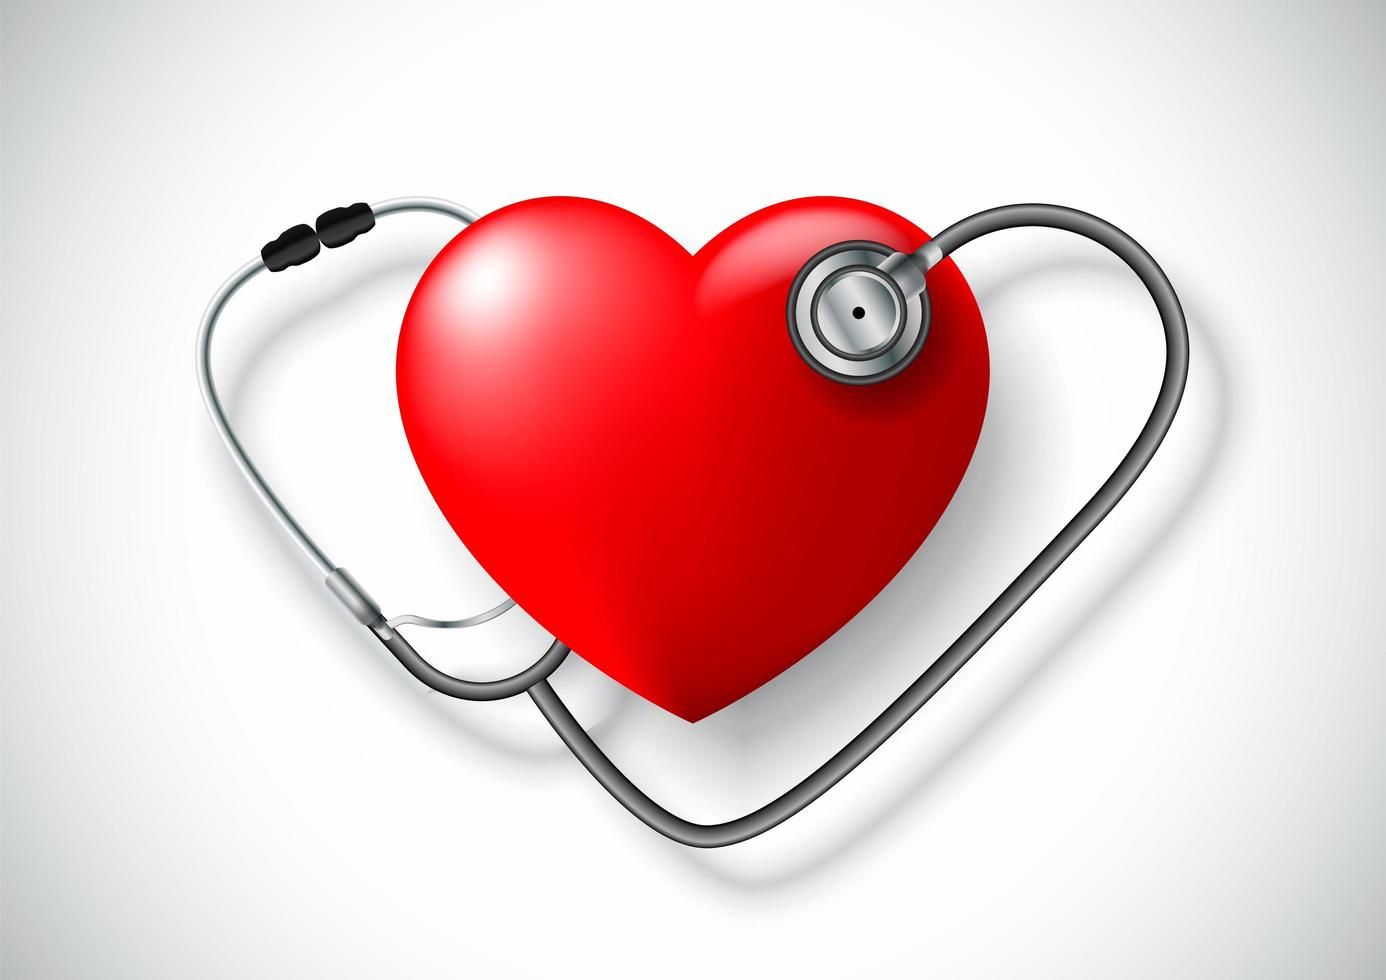 Ein Stethoskop in Form eines Herzens vektor